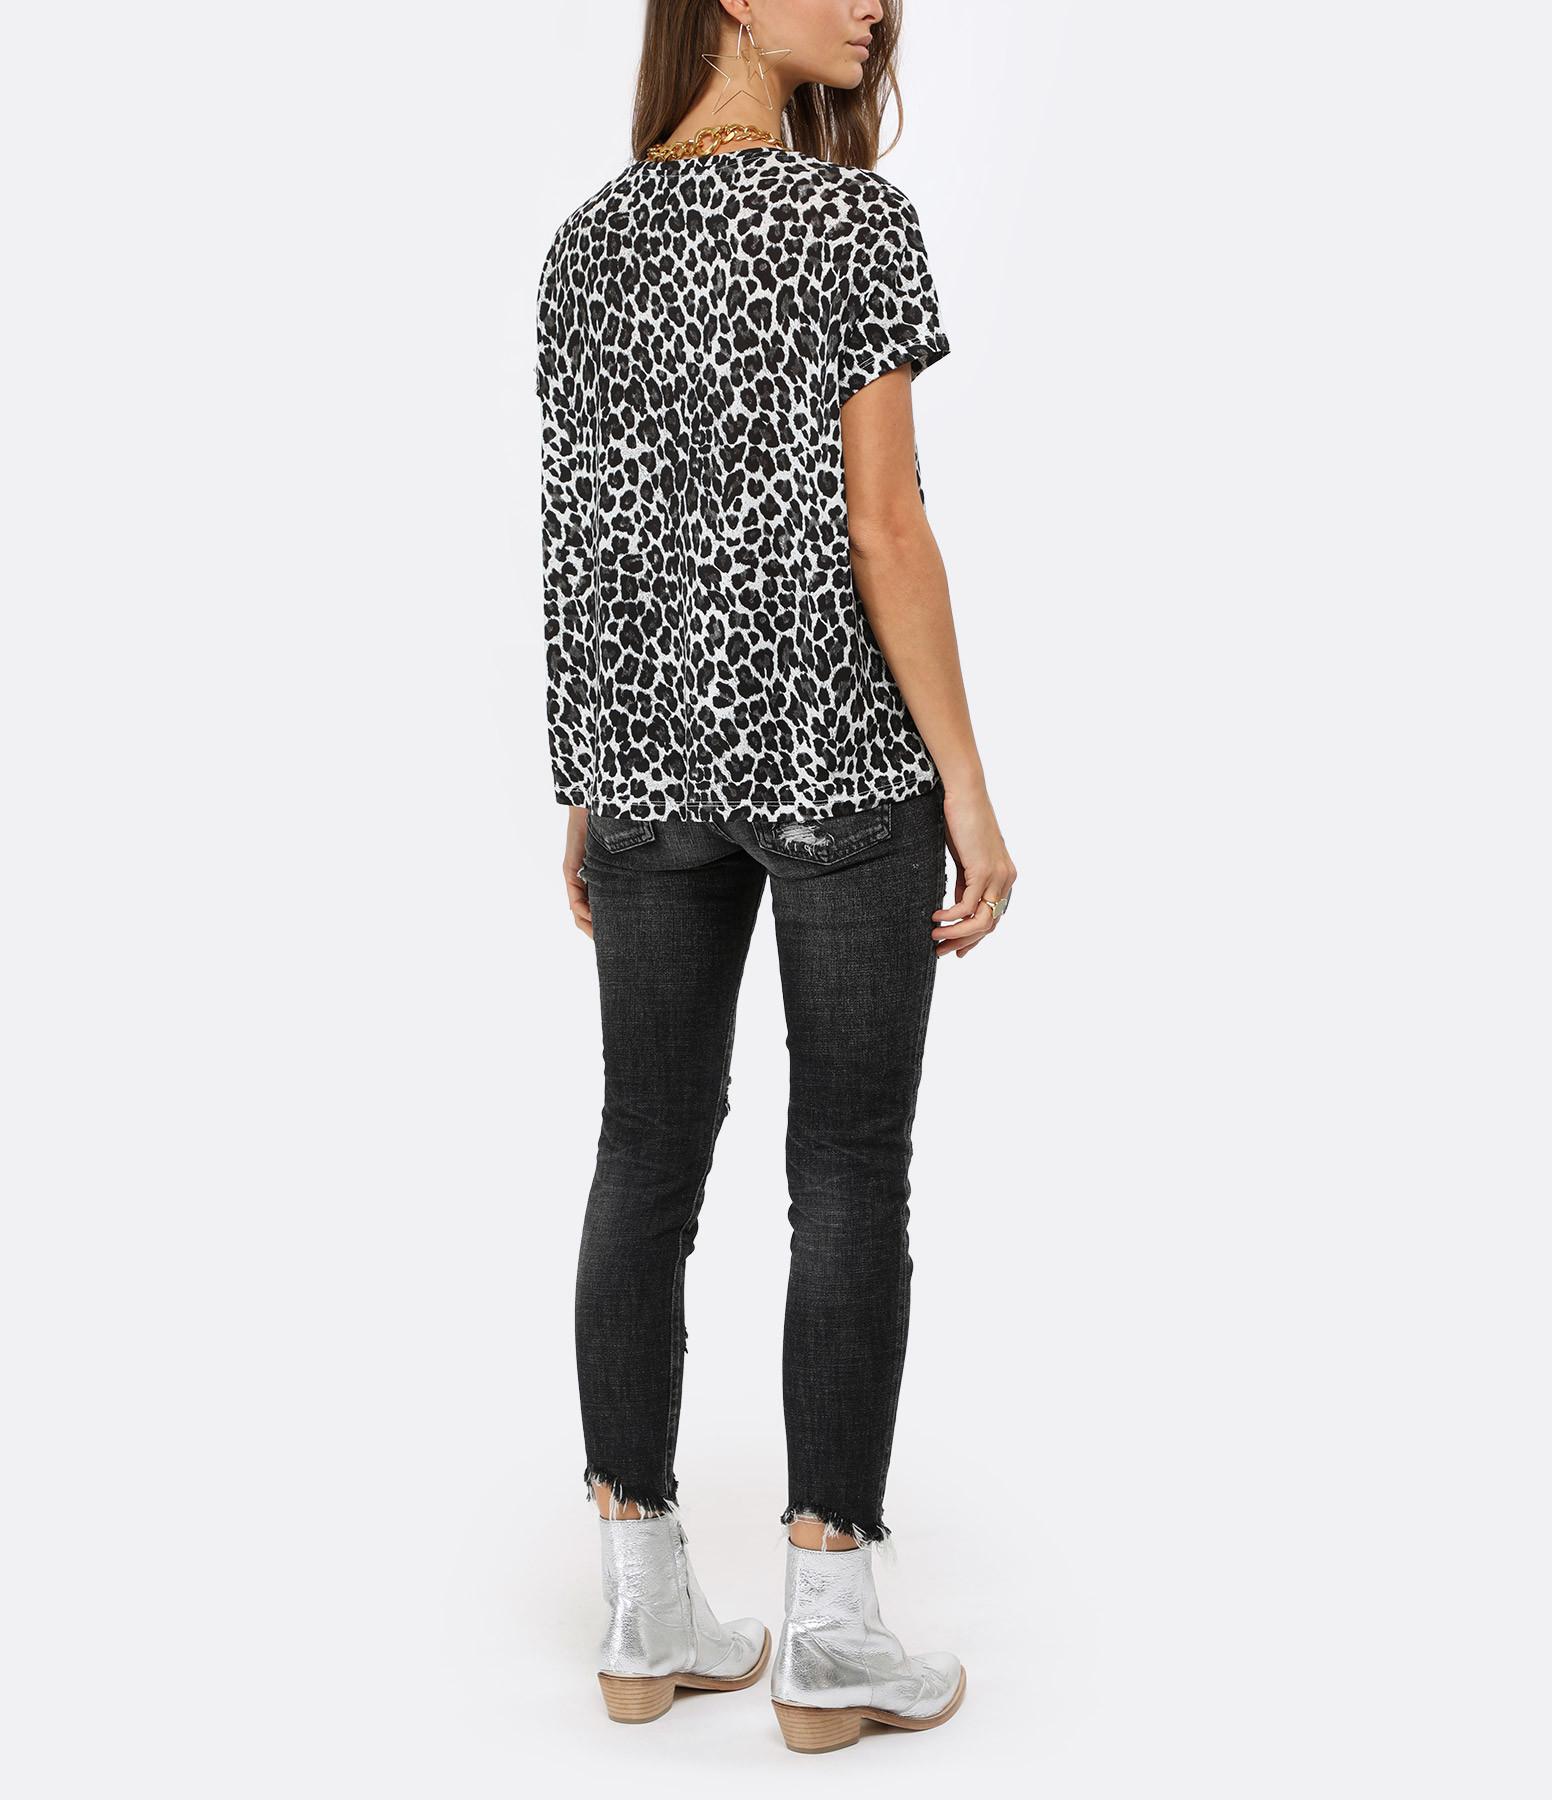 JEANNE VOULAND - Tee-shirt Lyocell Imprimé Léopard Gris